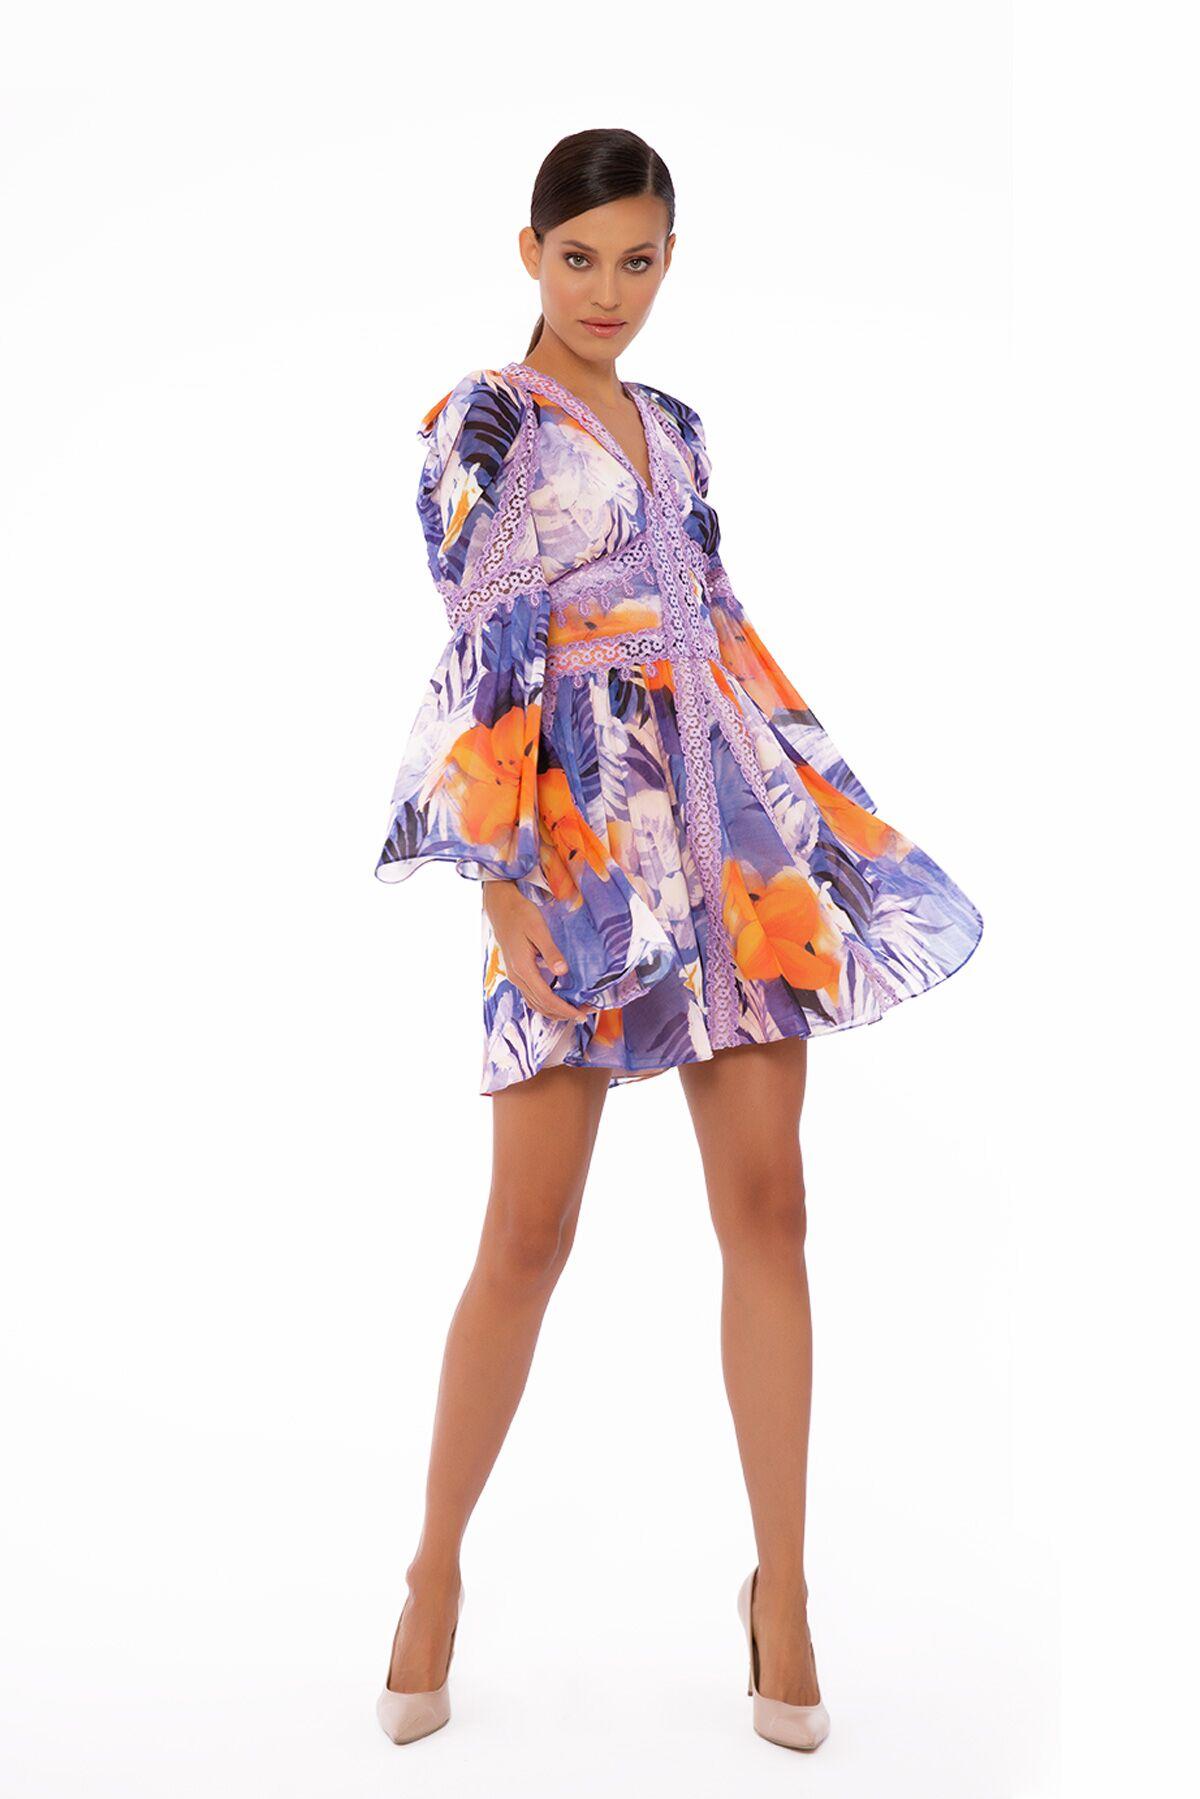 Dantel Şerit Detaylı, Uzun Kollu, Mini Desenli Şifon Elbise